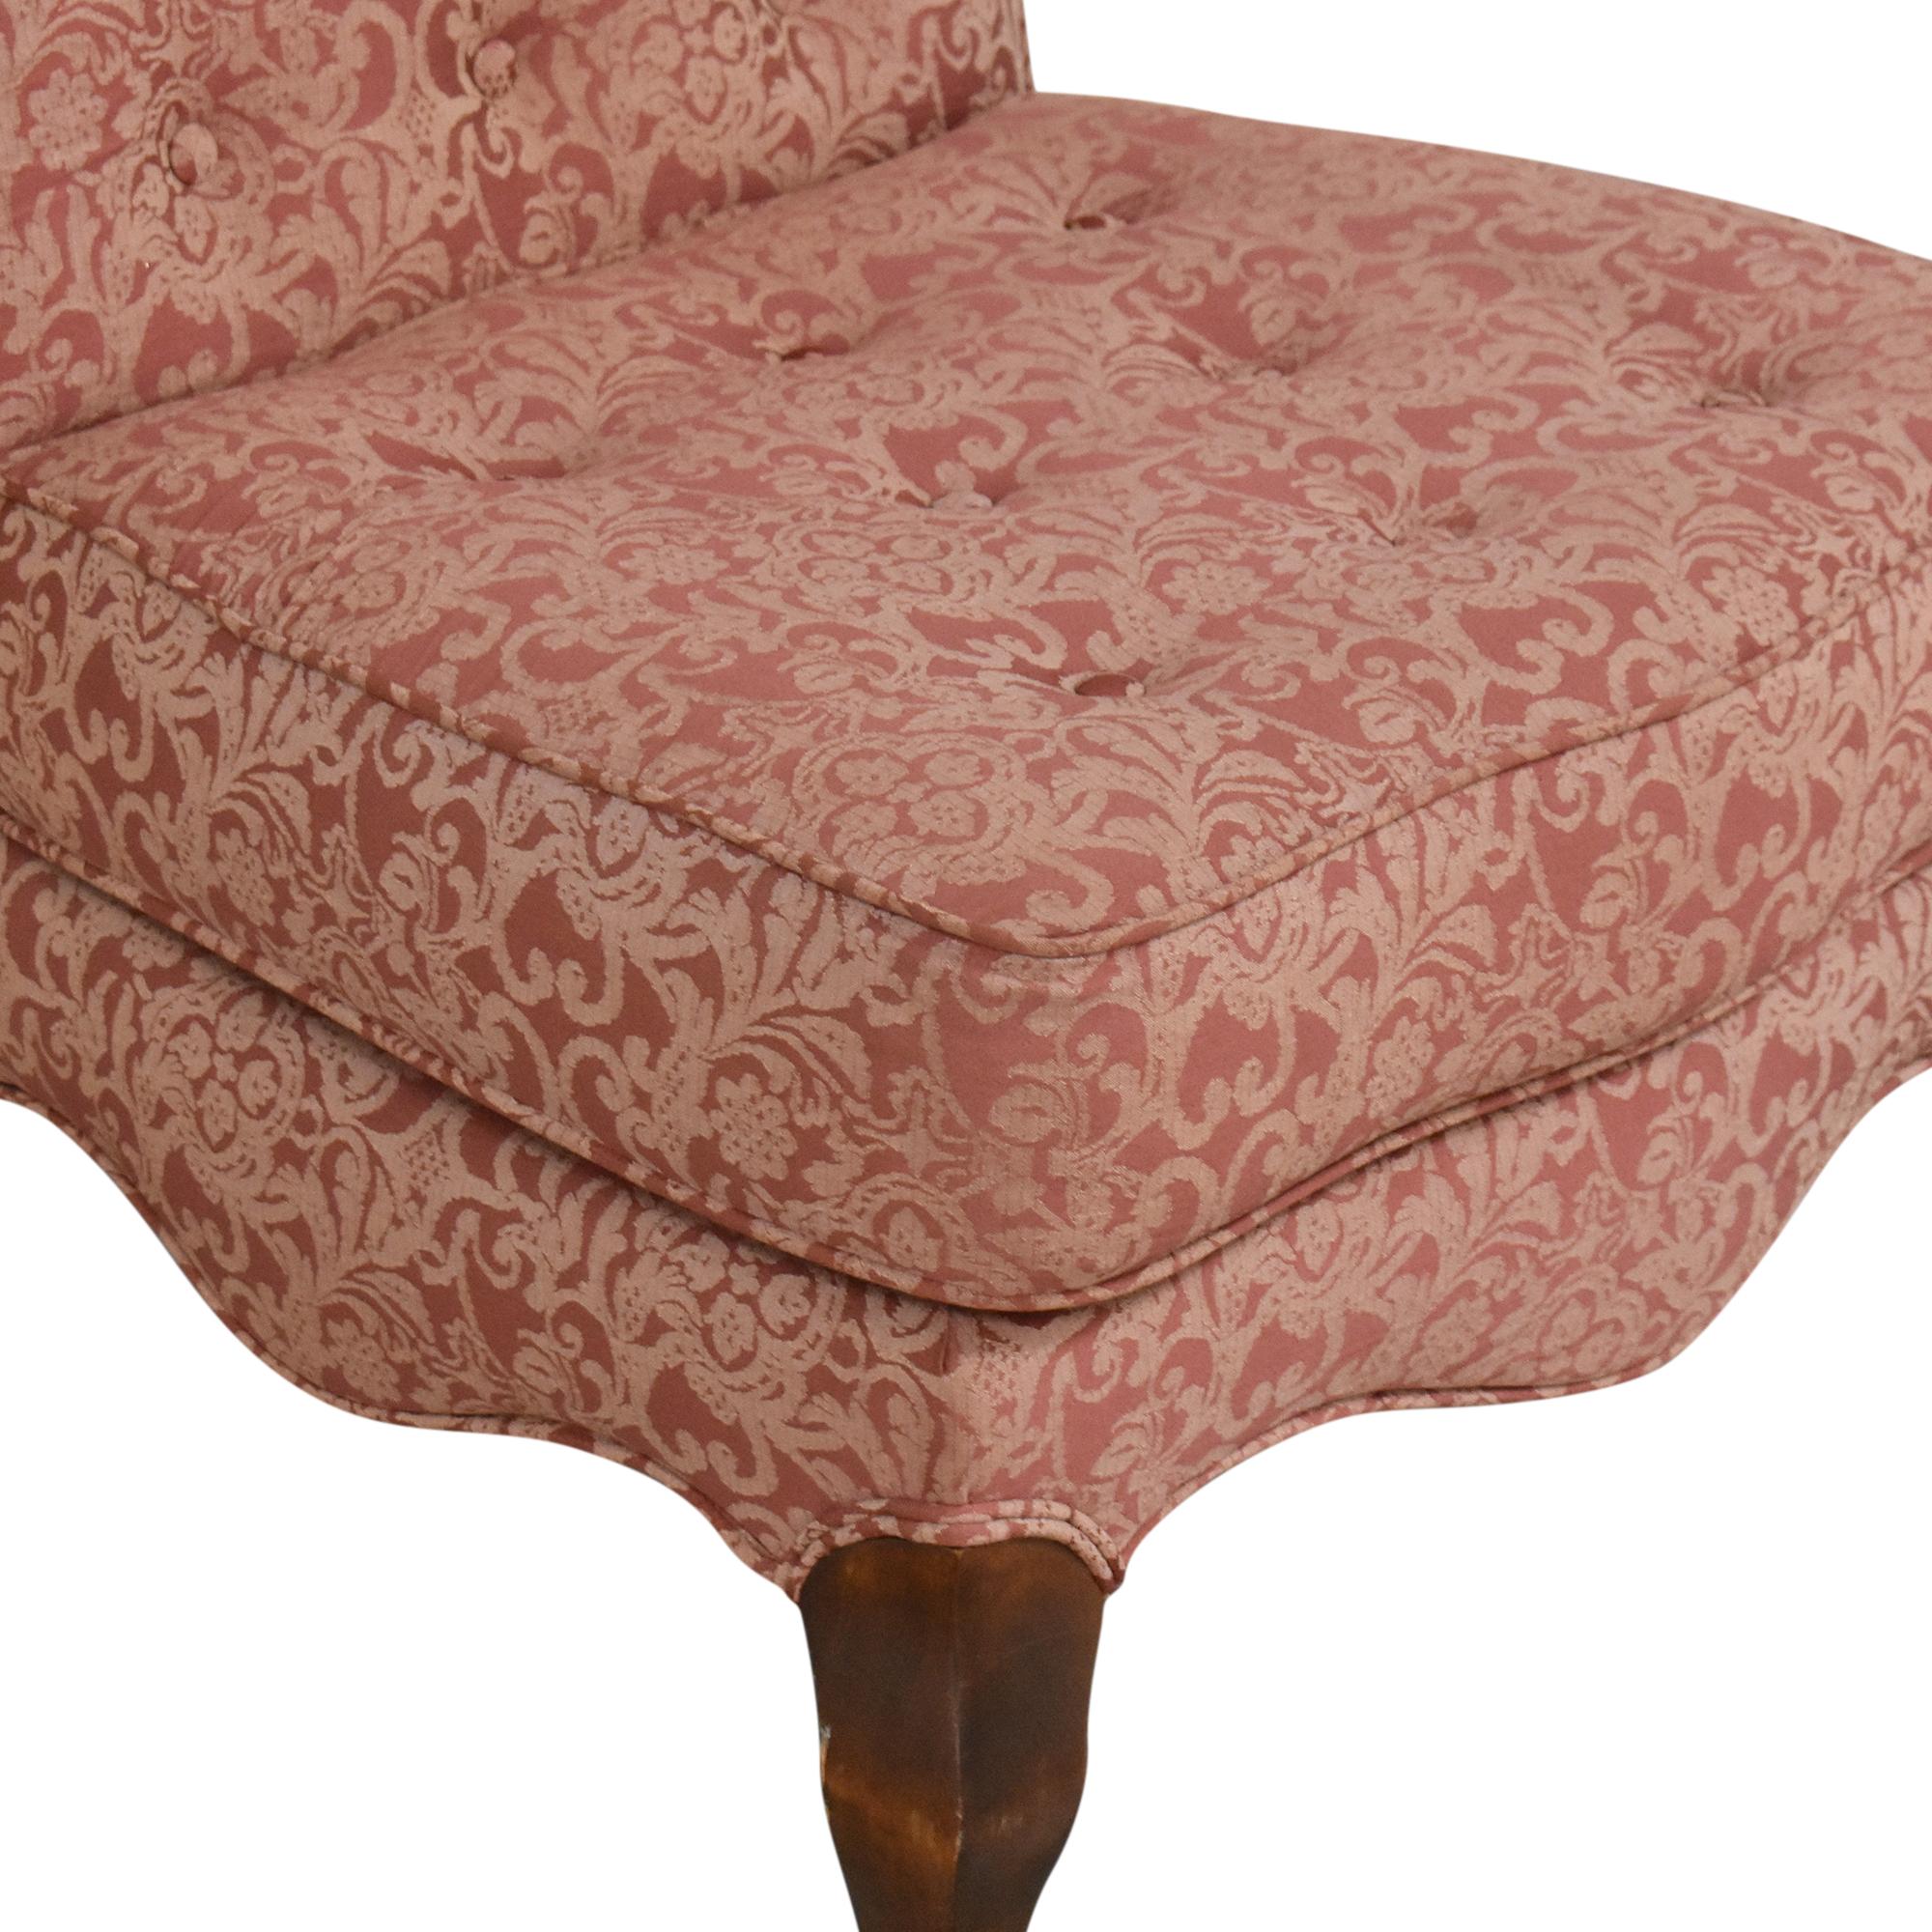 Bloomingdale's Slipper Chair sale